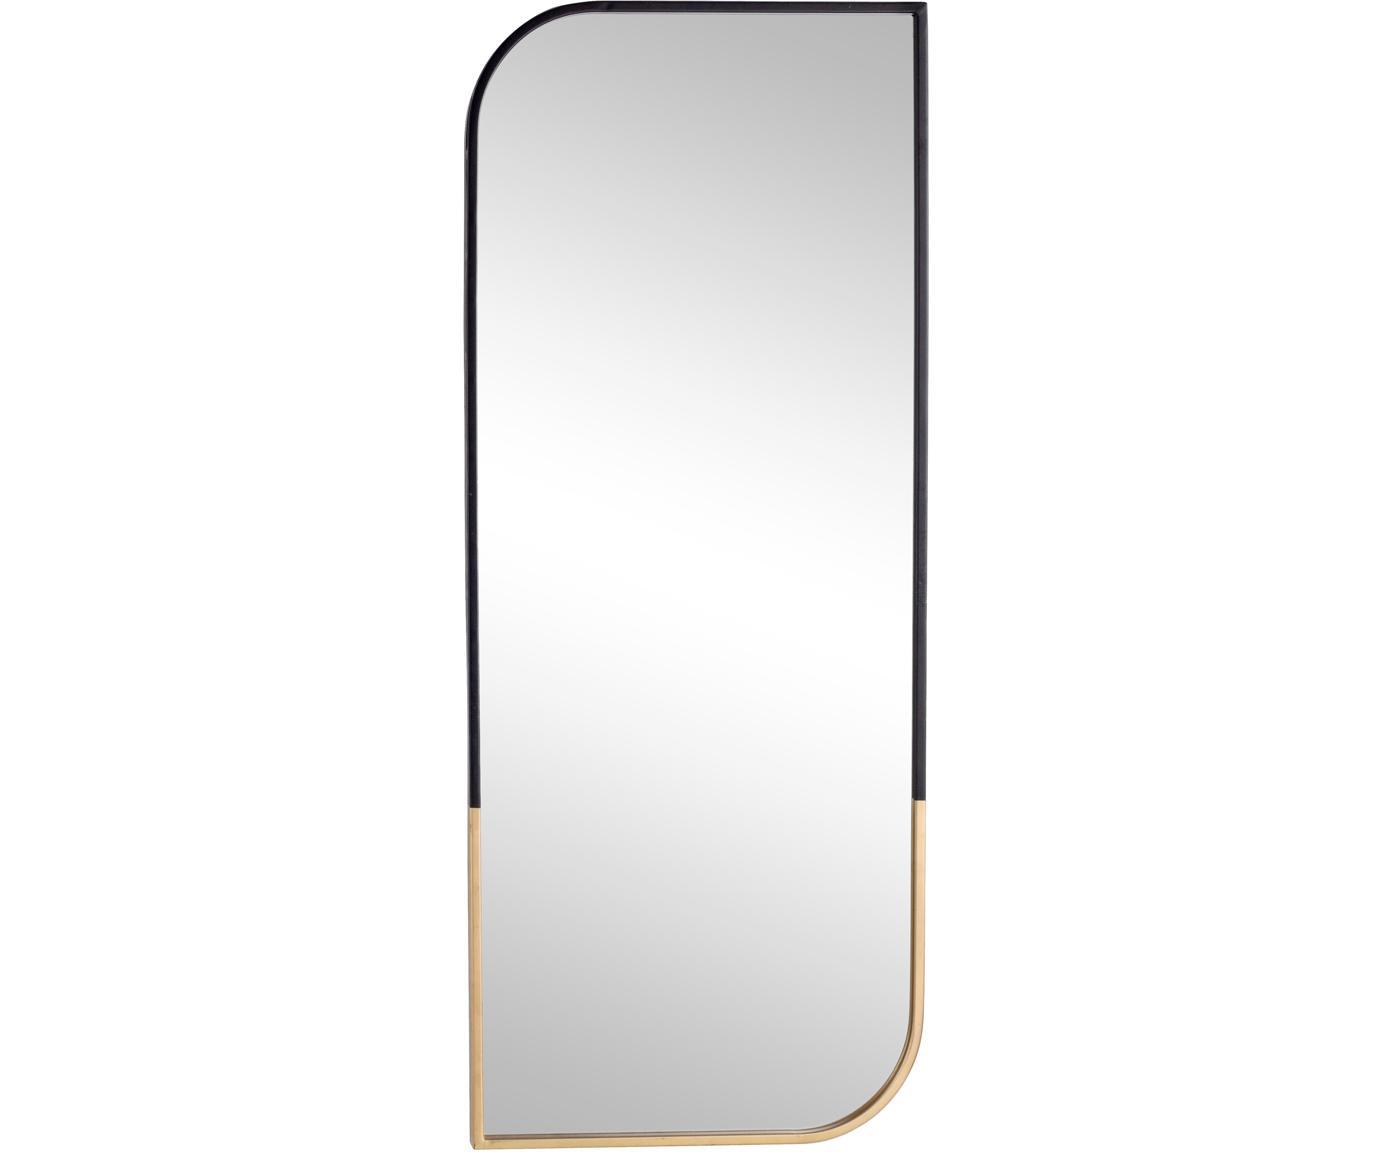 Specchio da parete Reflix, Cornice: metallo rivestito, Superficie dello specchio: lastra di vetro, Nero, dorato, Larg. 41 x Alt. 100 cm